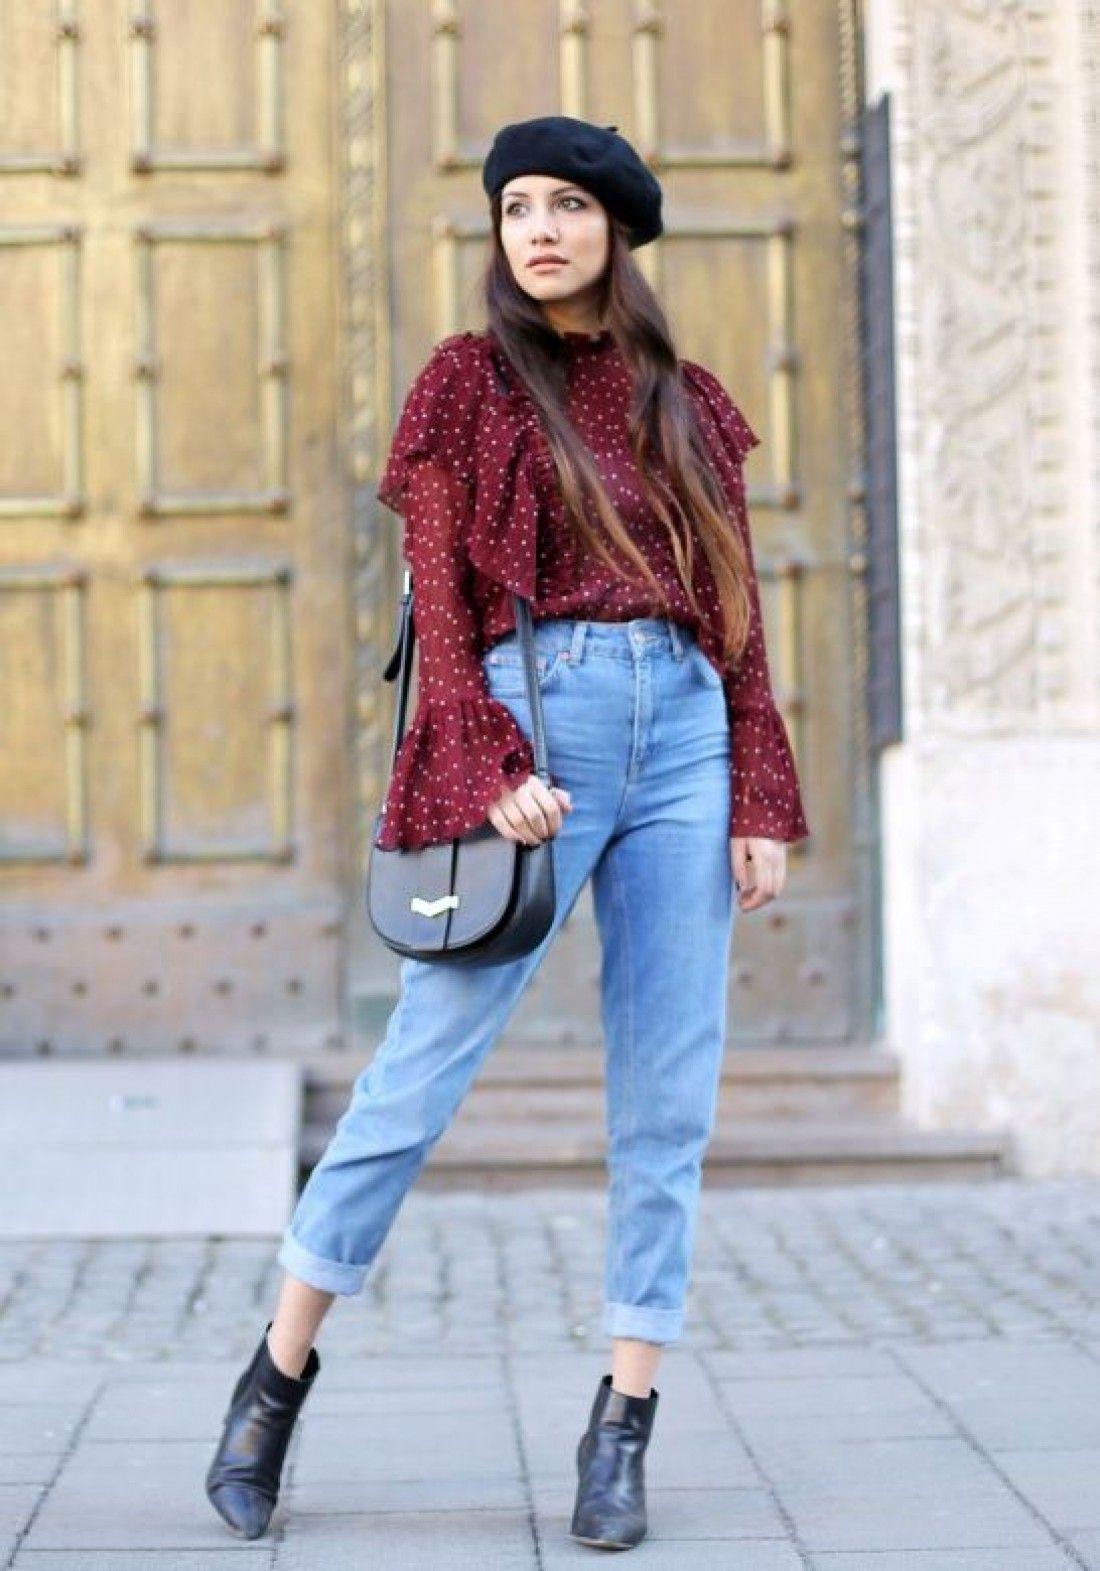 с чем носить джинсы мом картинки образы фото